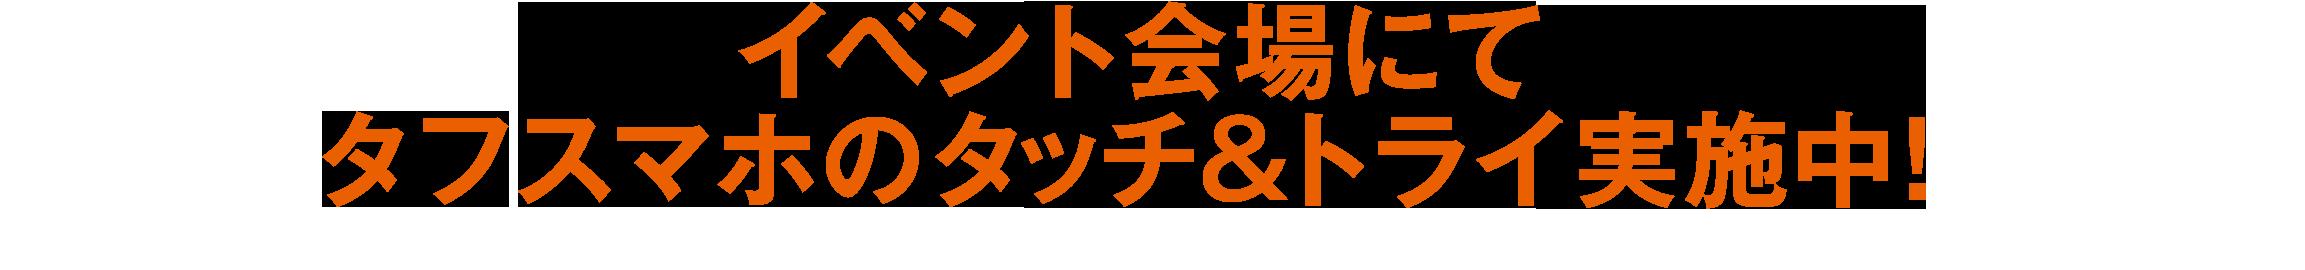 イベント会場にてタフスマホのタッチ&トライ実施中!